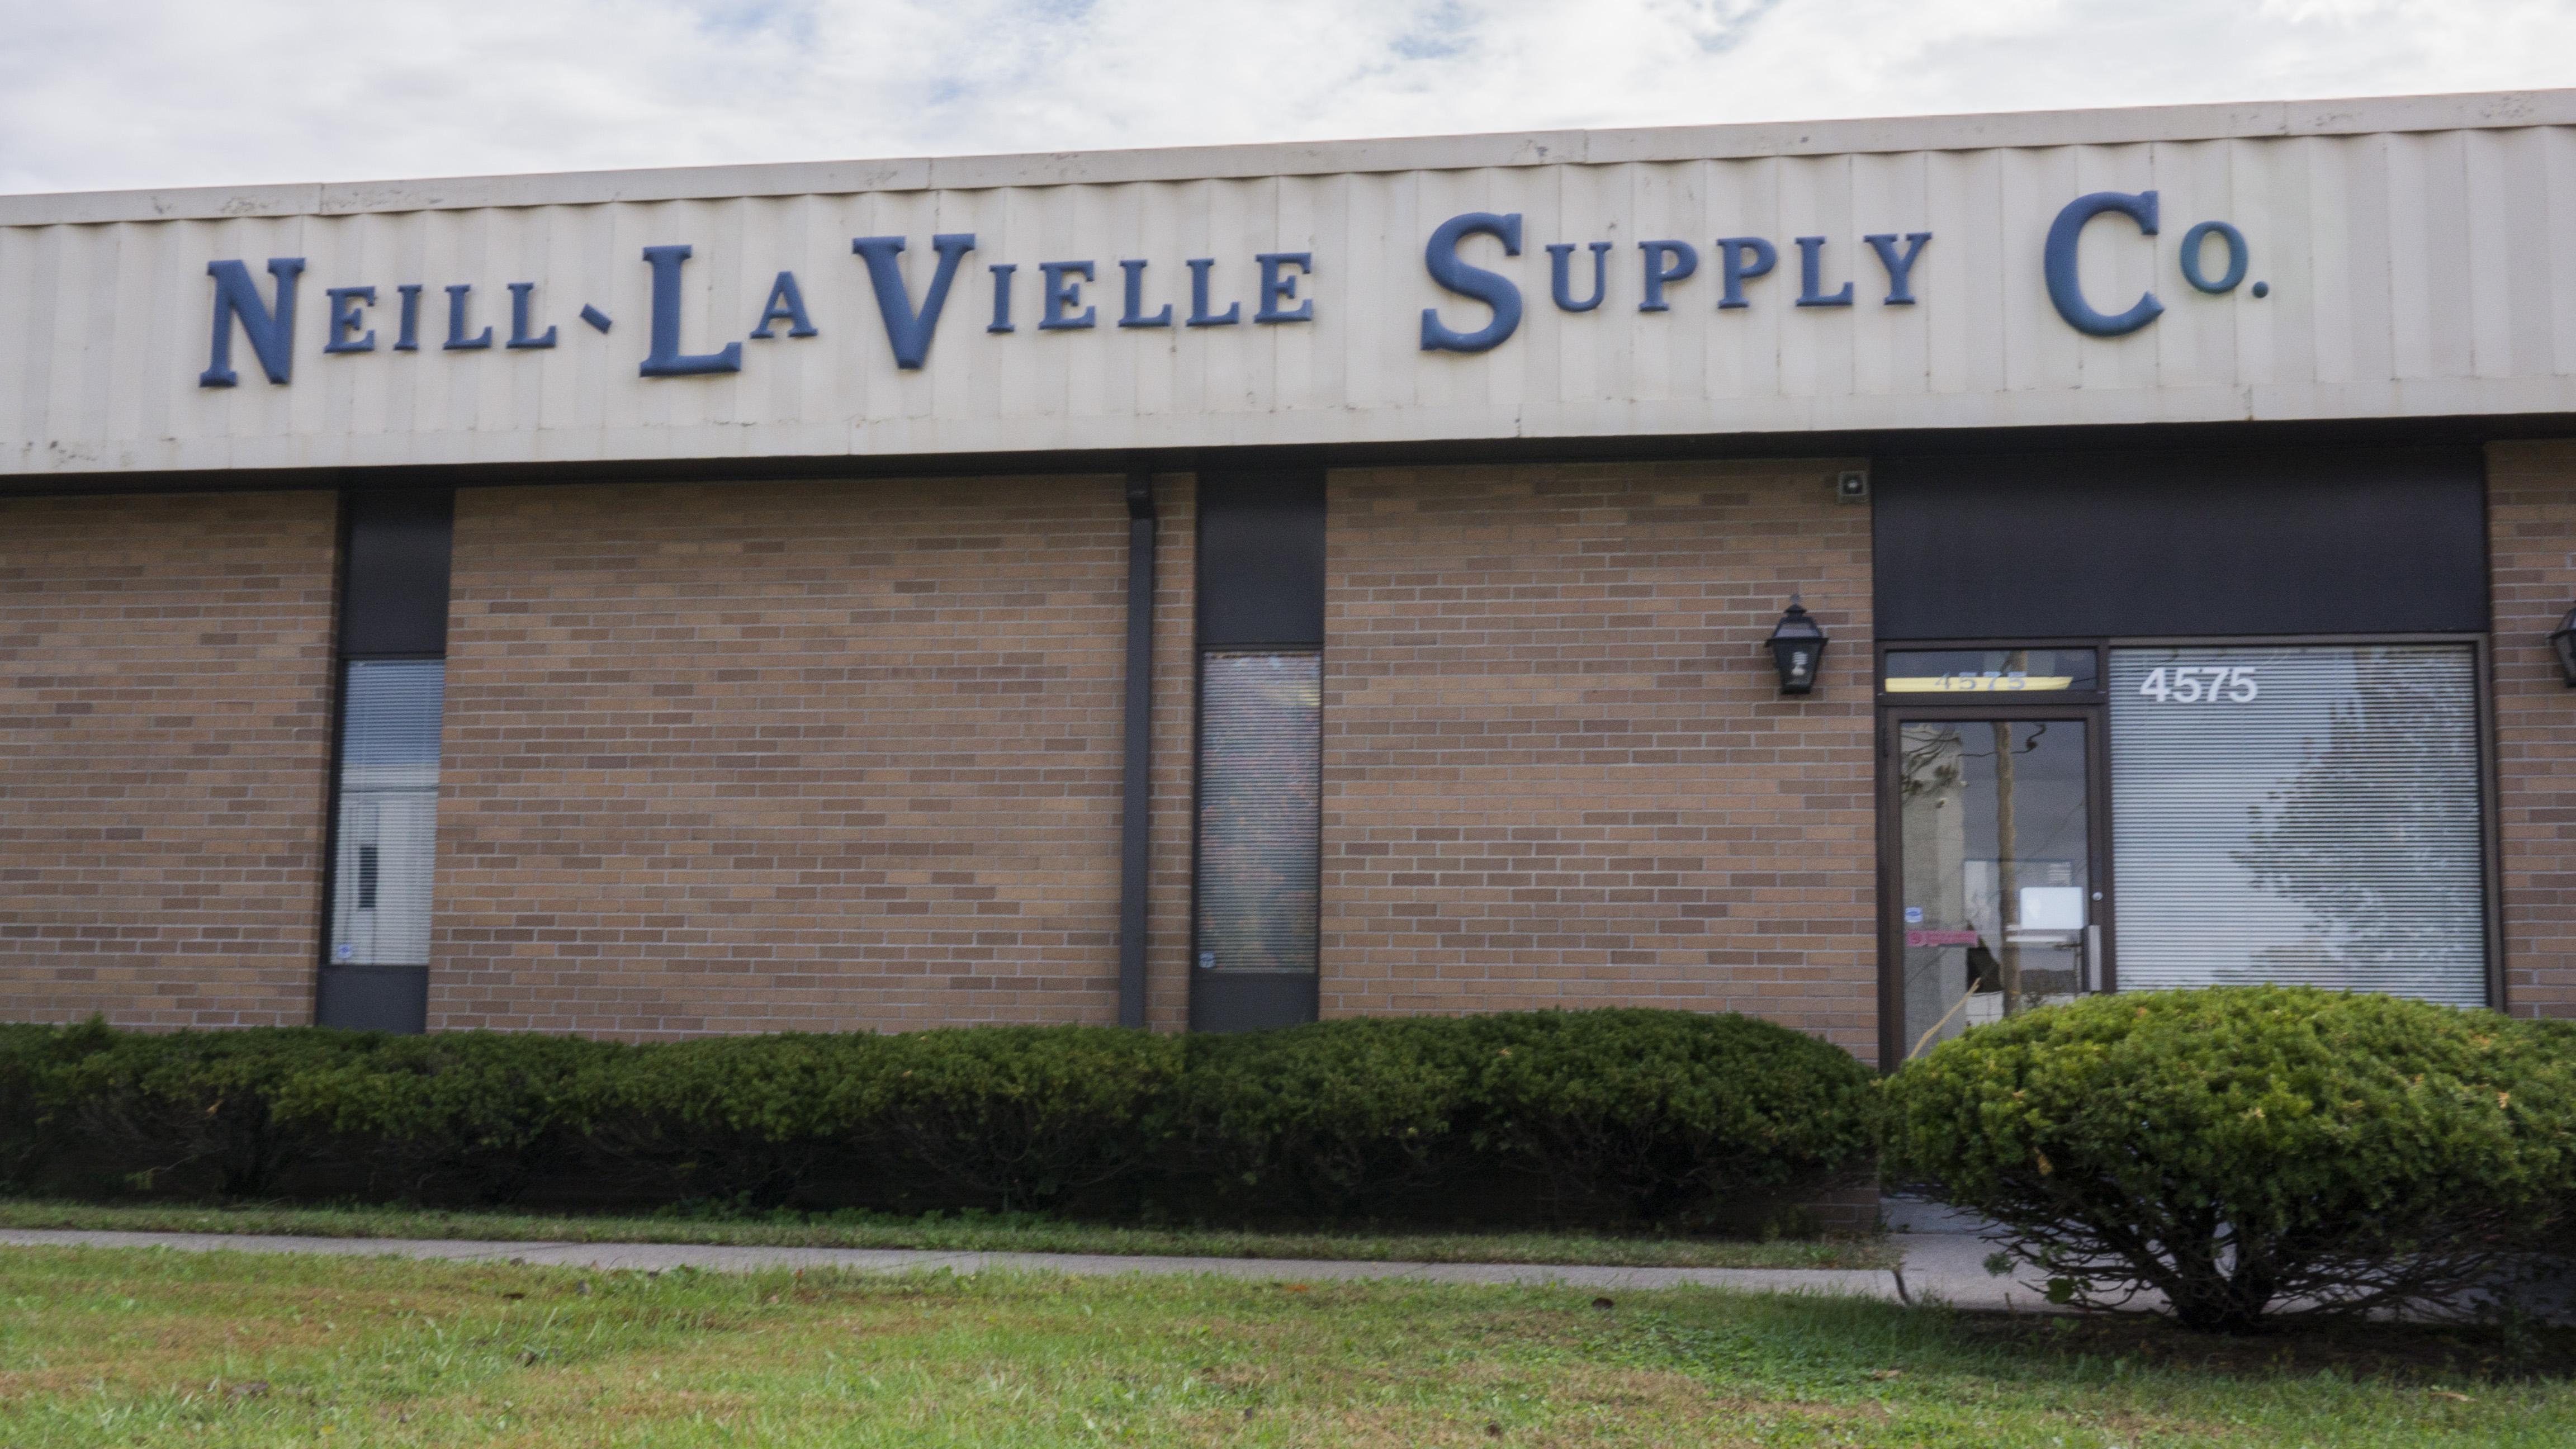 Neill-Lavielle Steel Louisville